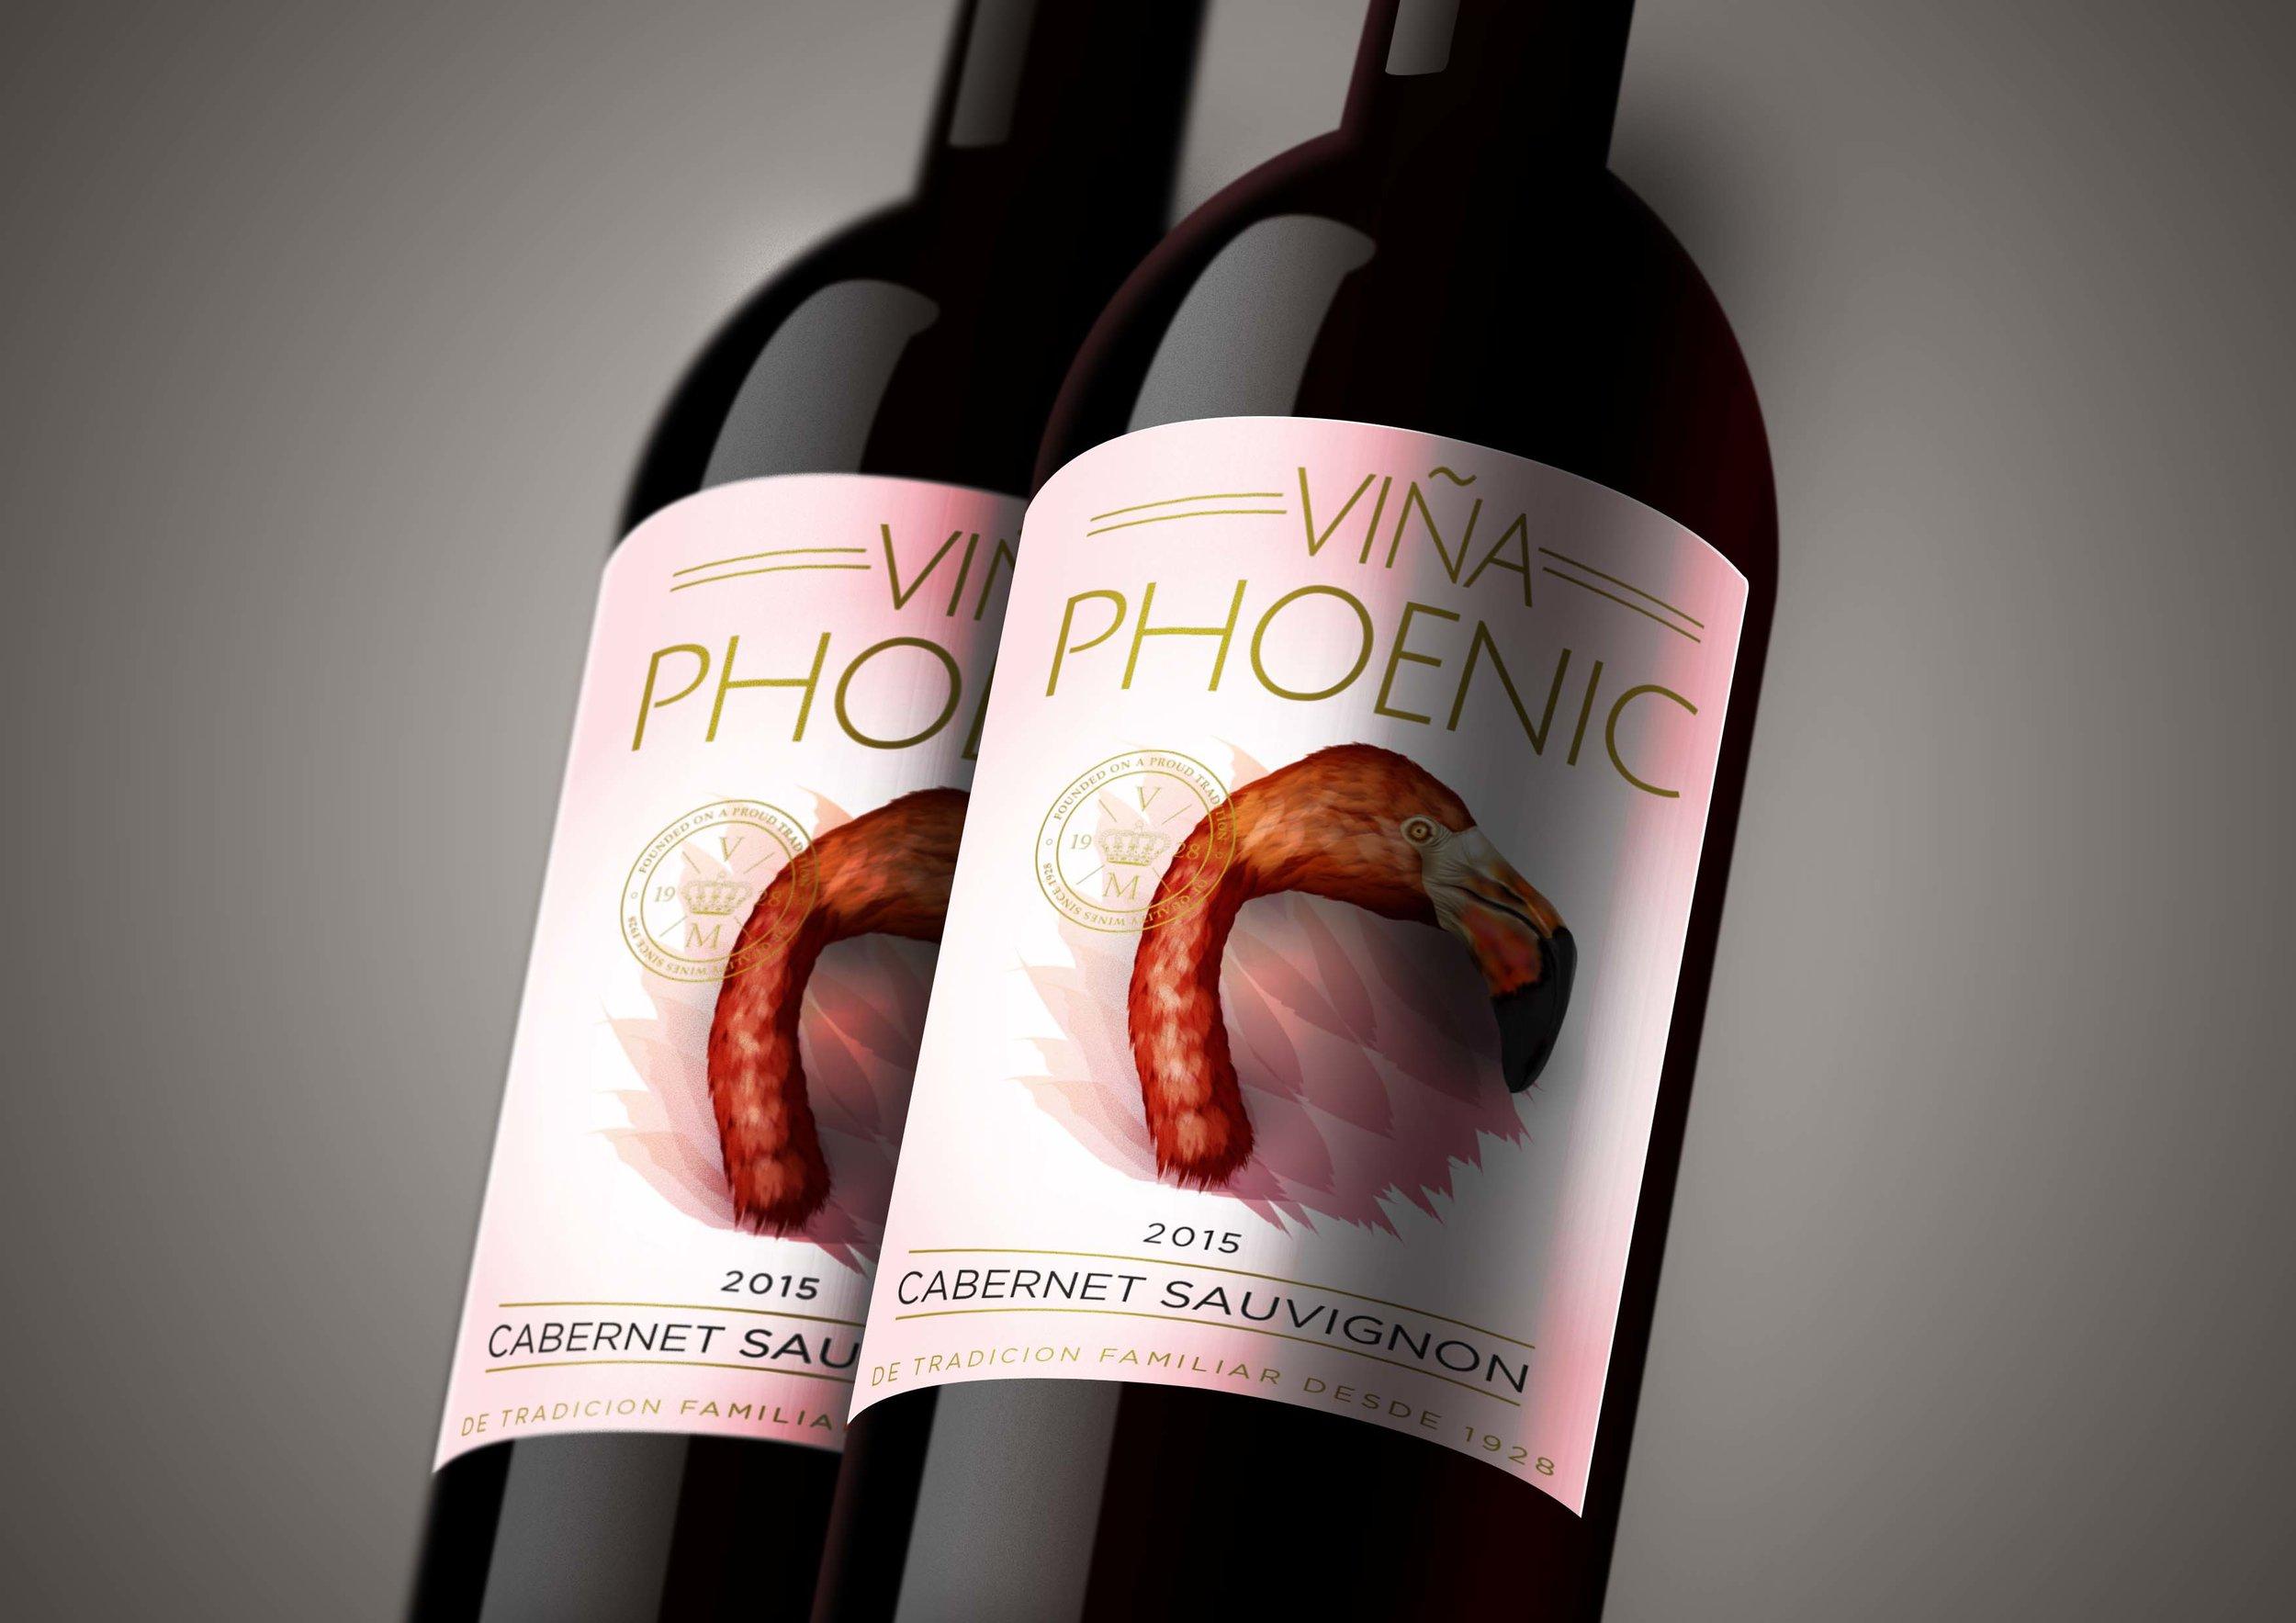 Vina Phoenic 2 Bottle Mock Up.jpg